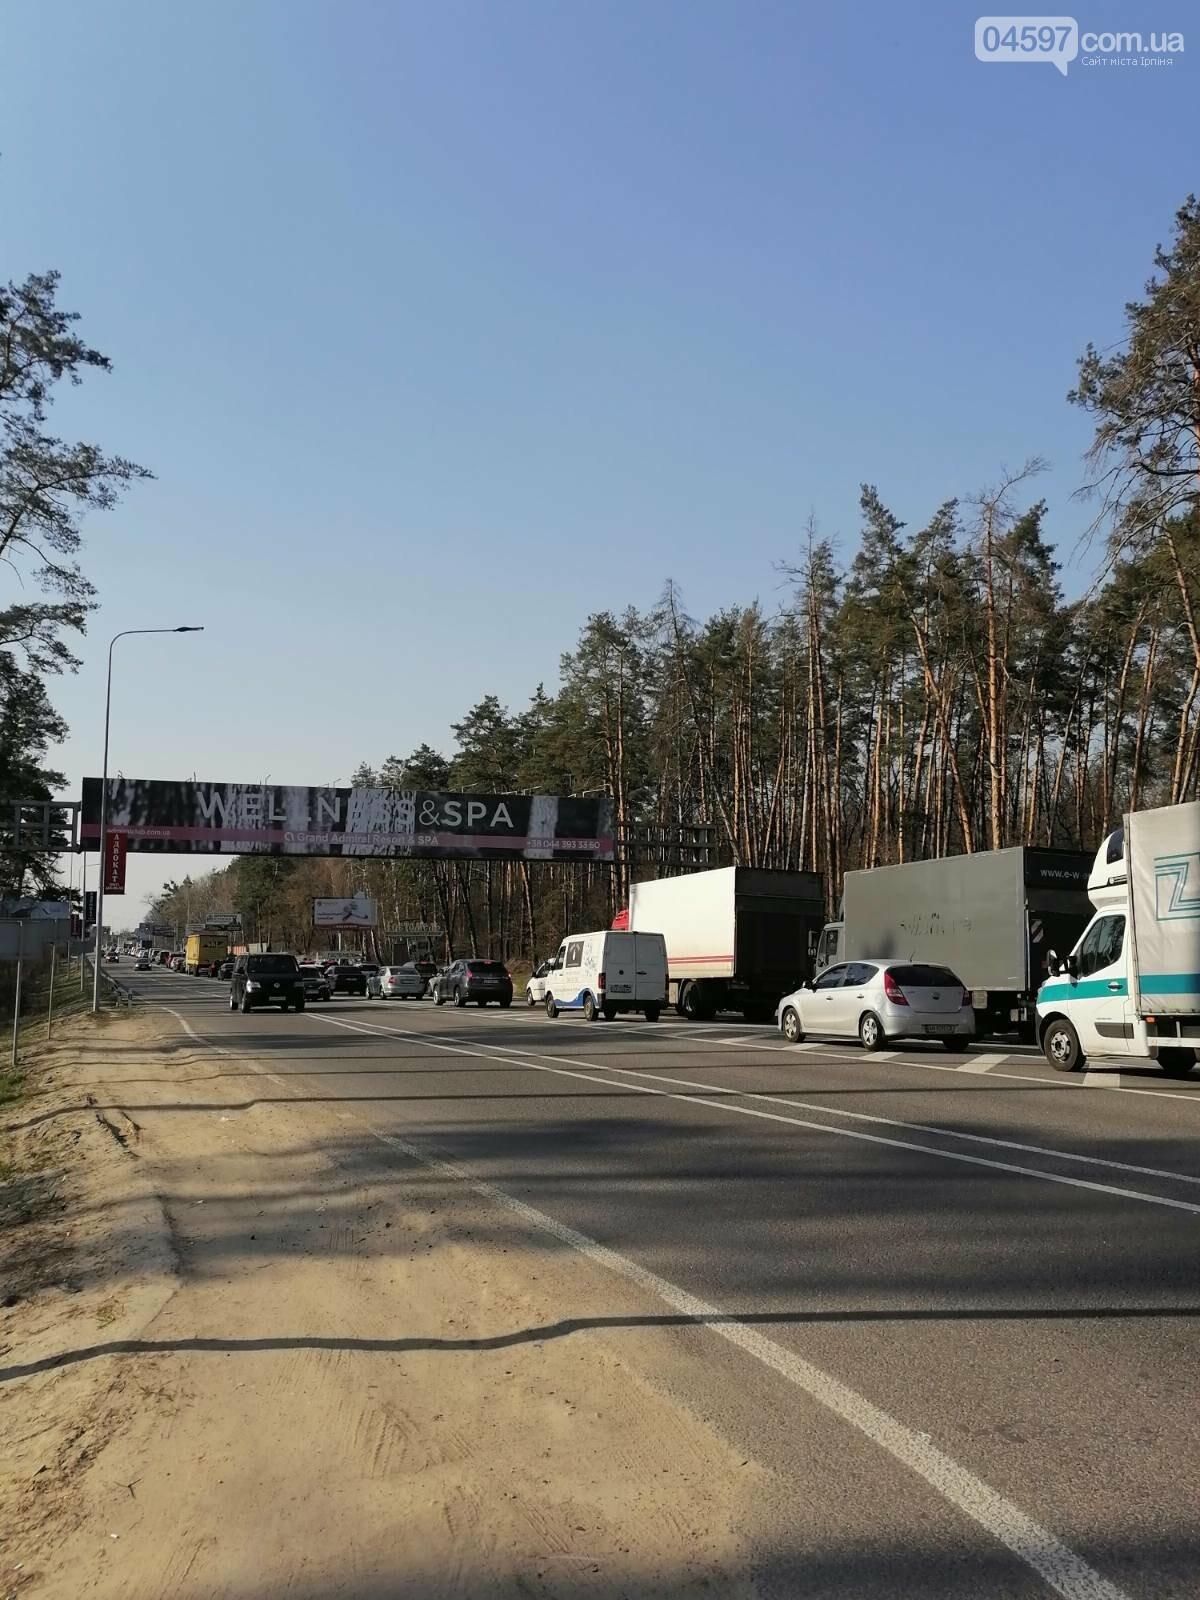 До уваги водіїв: на Варшавці великий затор, фото-1